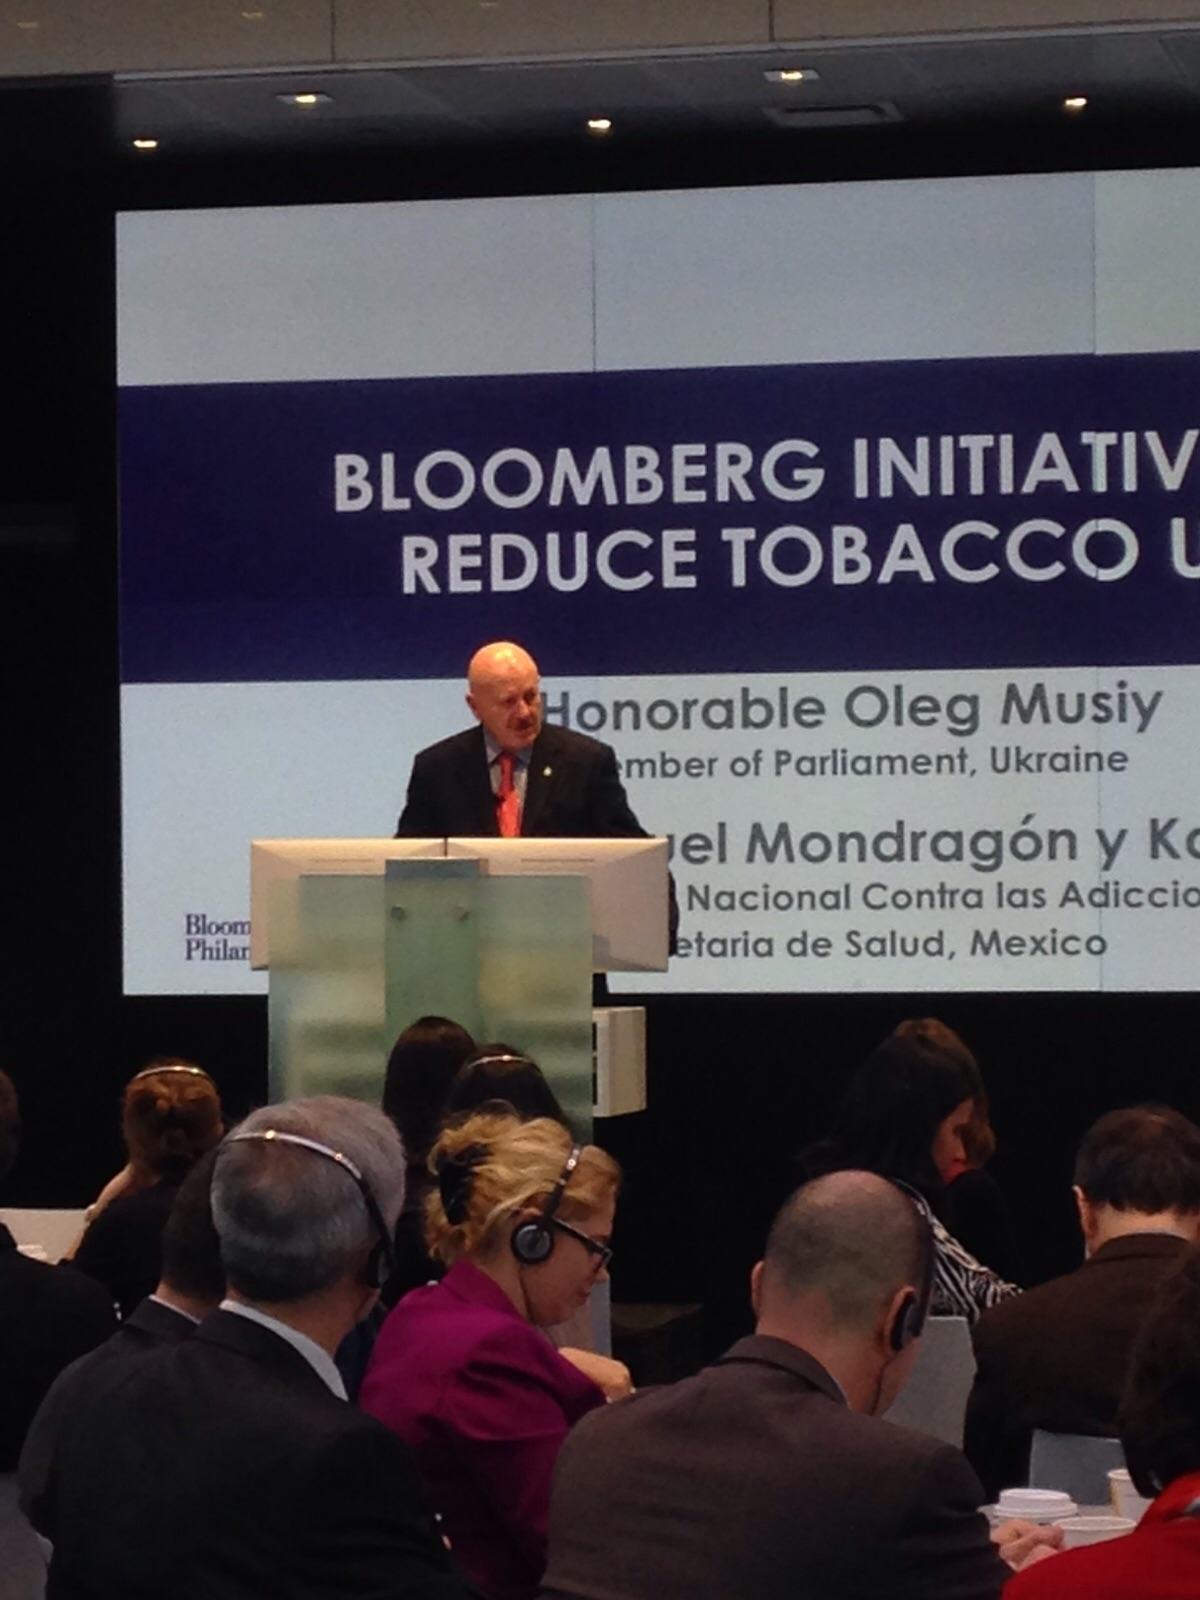 """Iniciativa Bloomberg para reducir el consumo de tabaco""""."""